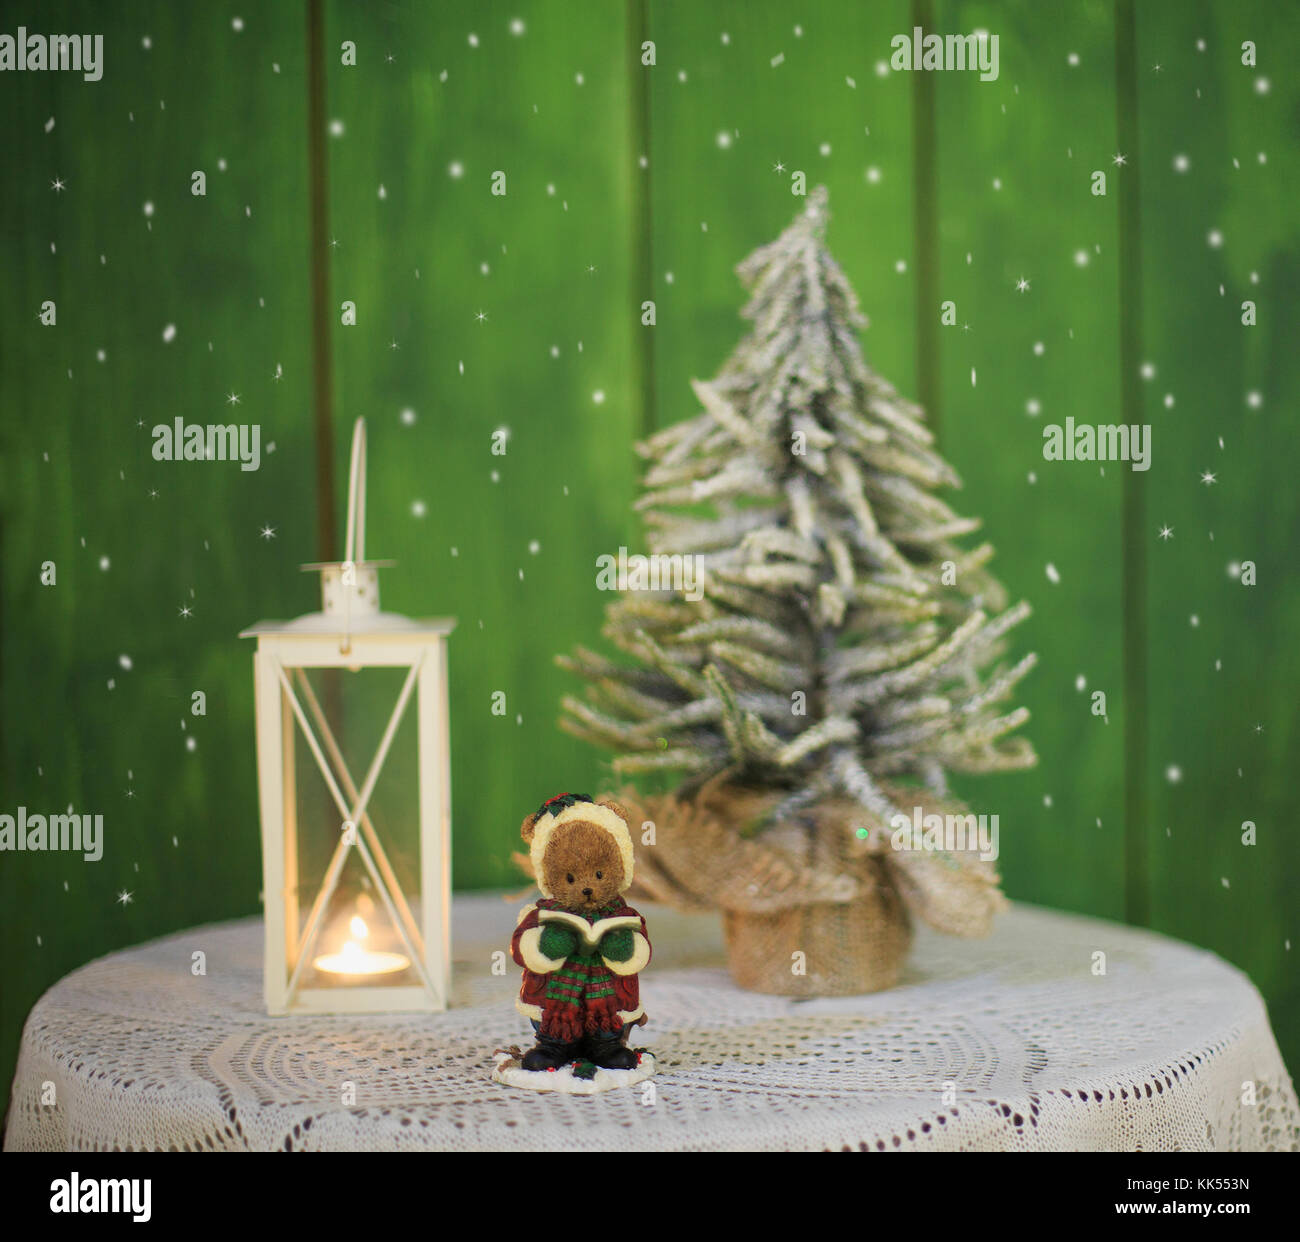 Christmas Lighted Candle Christmas Tree Stockfotos & Christmas ...